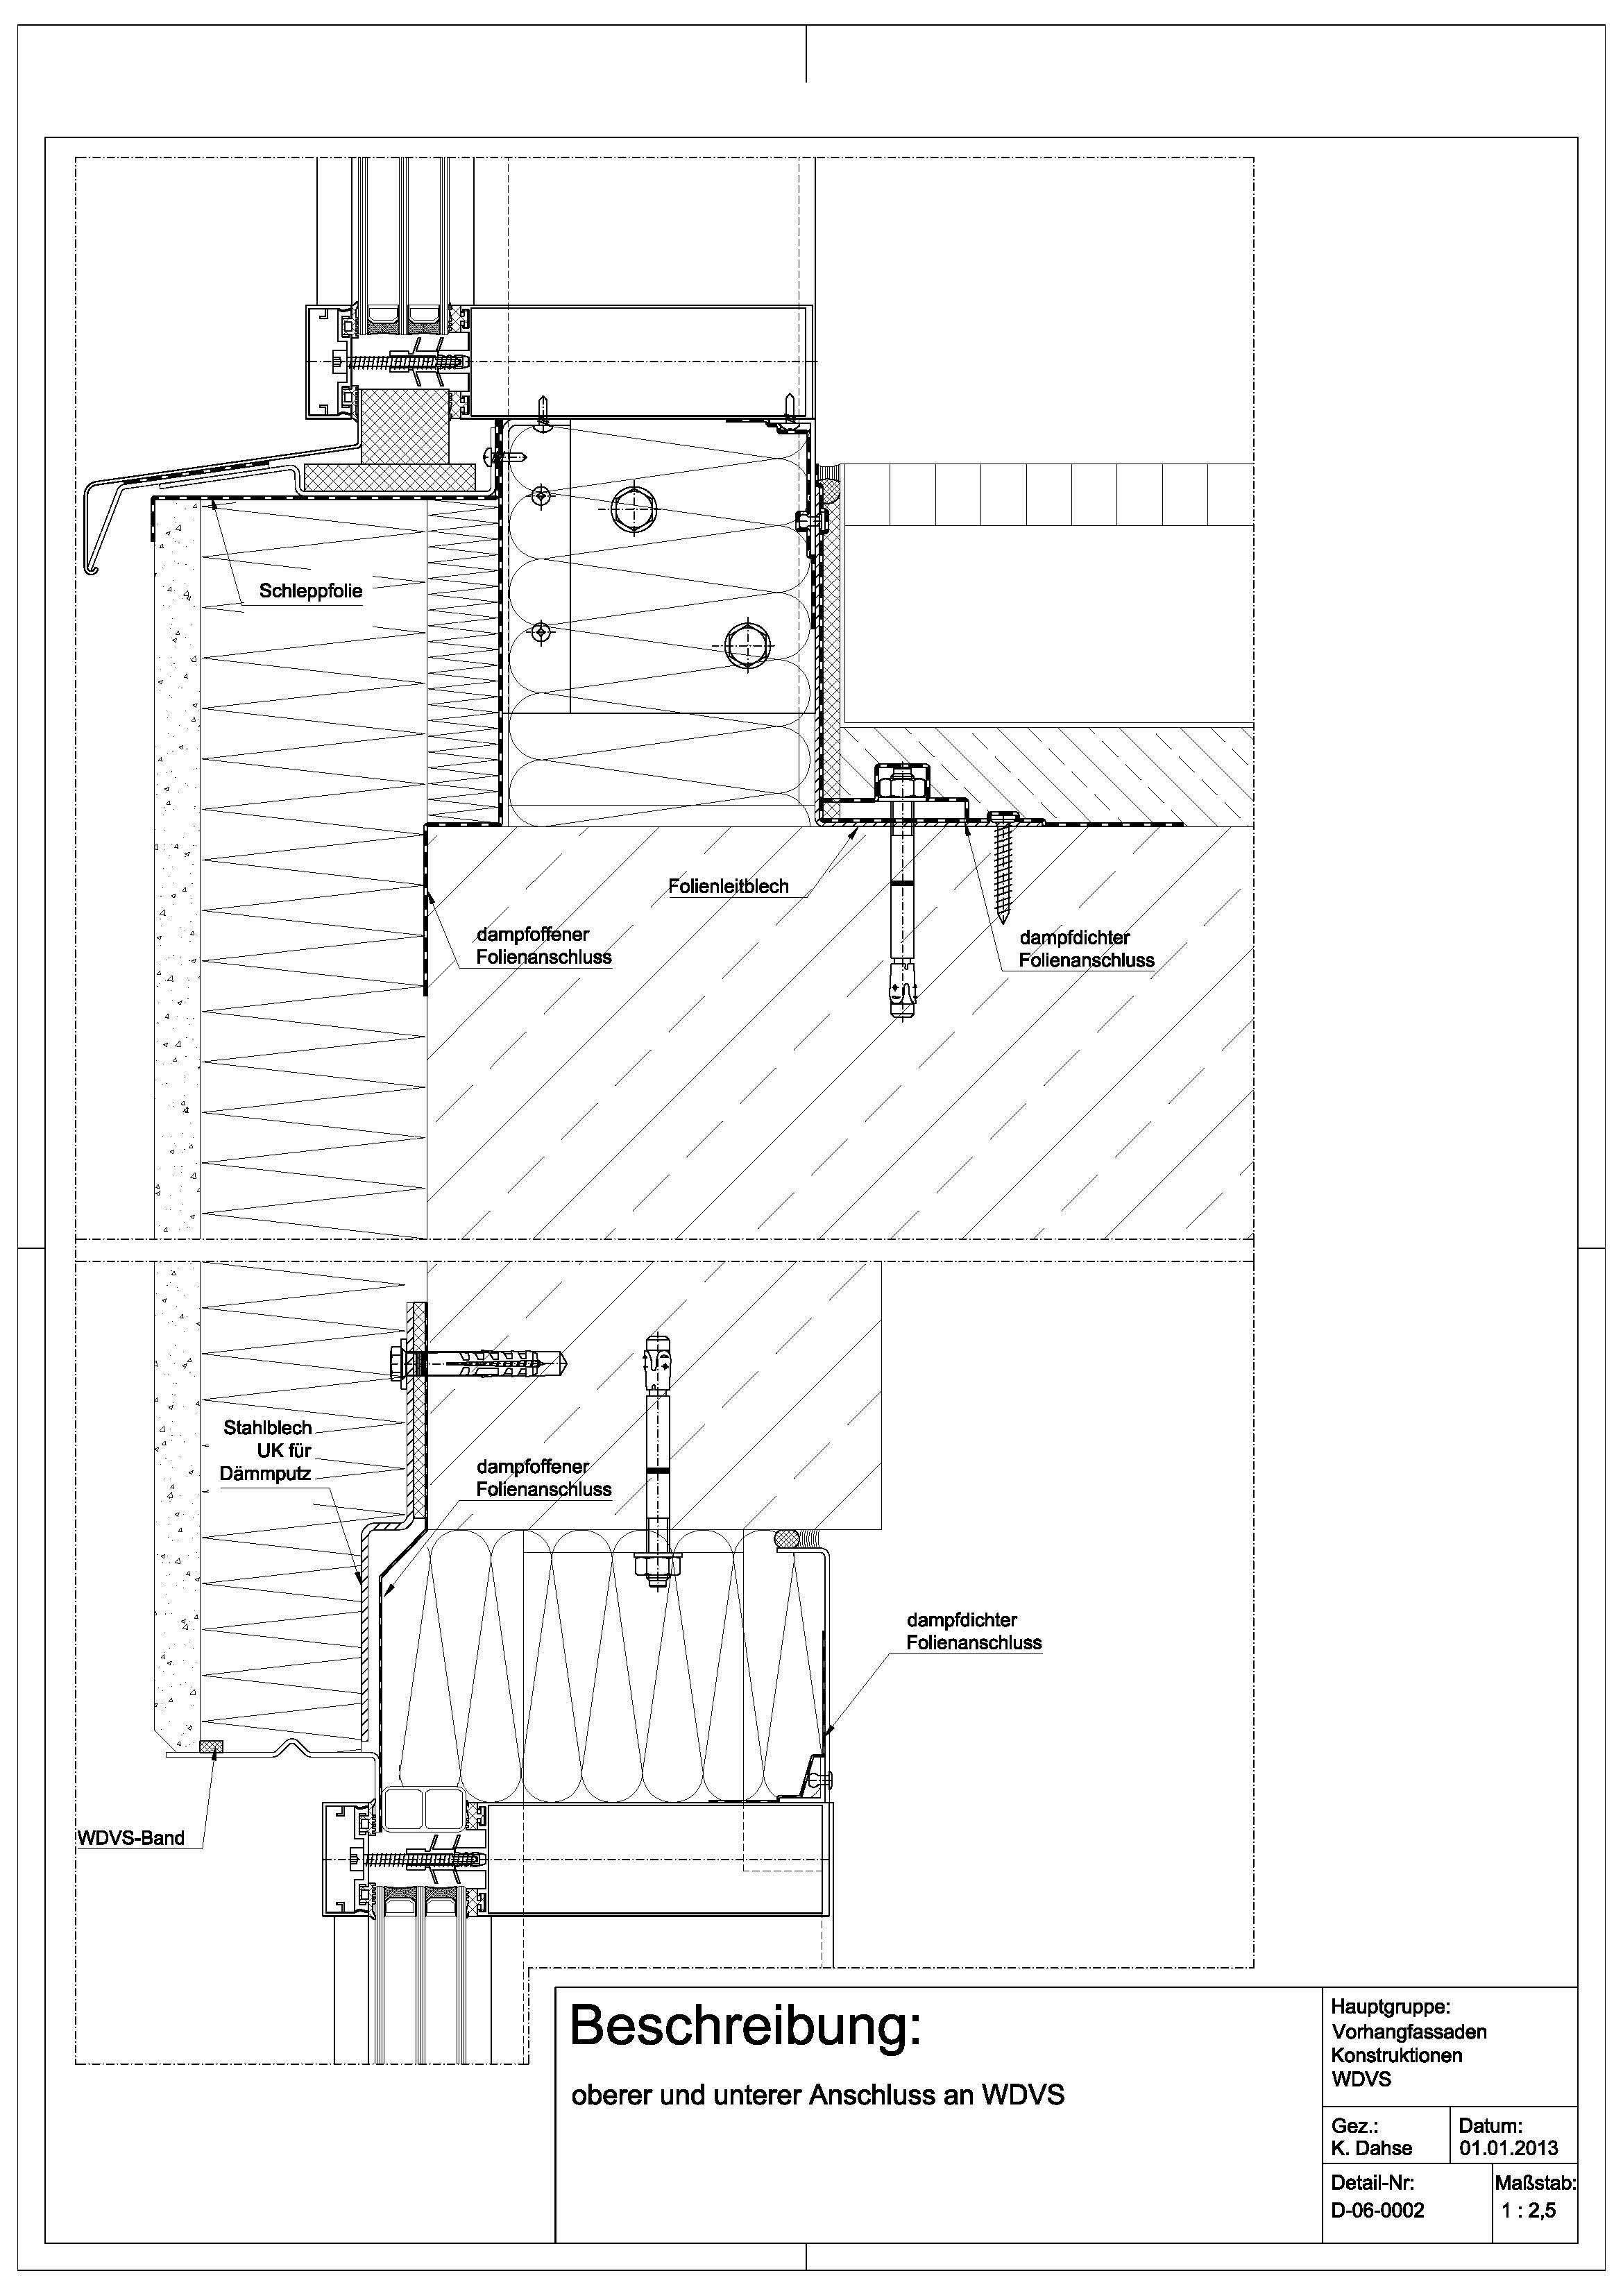 Tür detail anschluss  D-06-0002 unterer und oberer Anschluss an WDVS | details ...